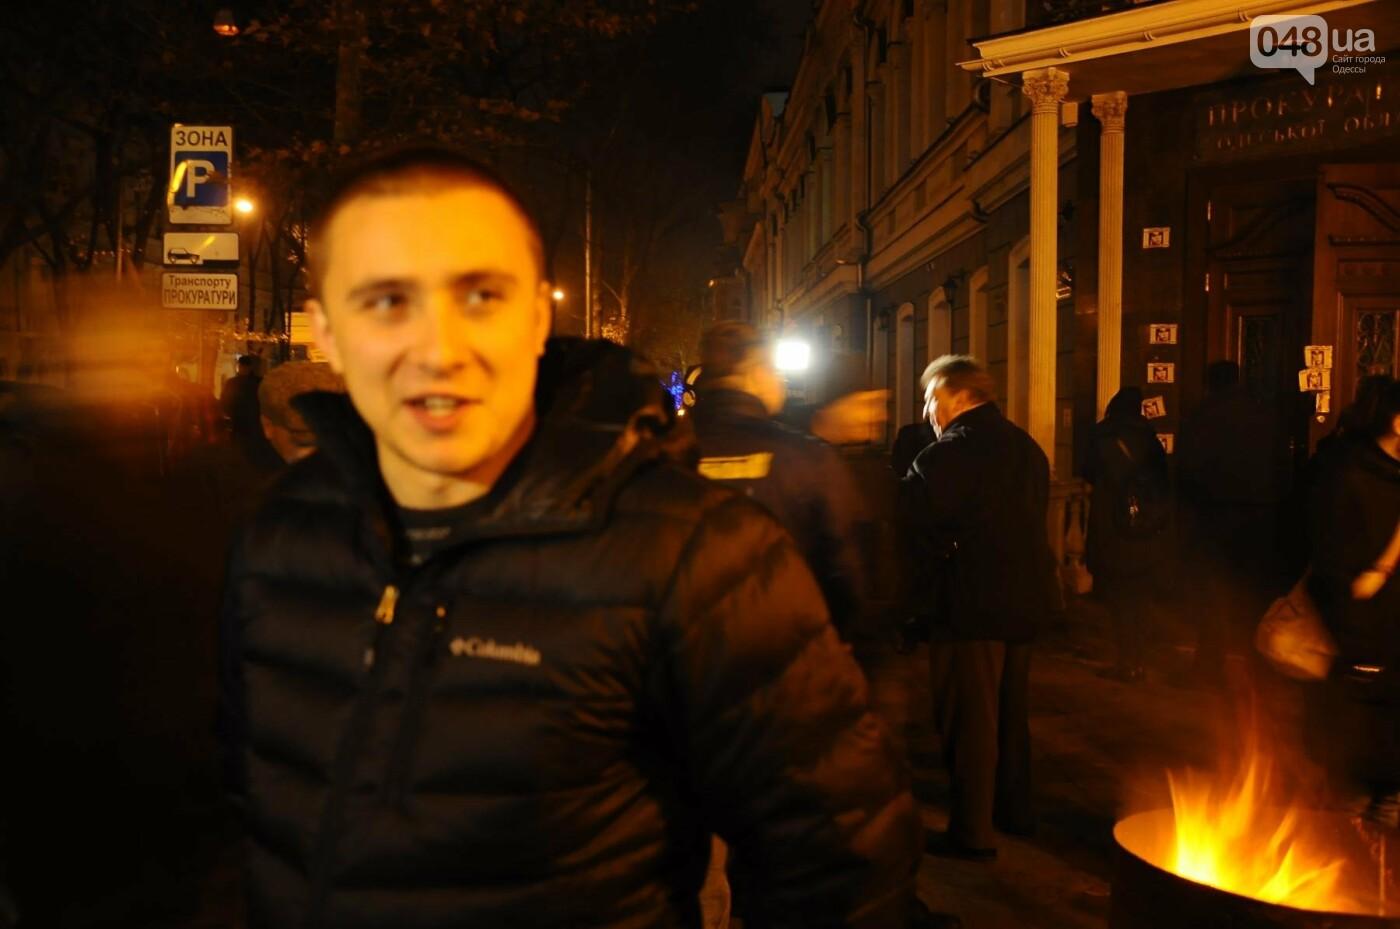 Сергей Стерненко сразу после освобождения приехал под одесскую прокуратуру (ФОТО, ВИДЕО), фото-1